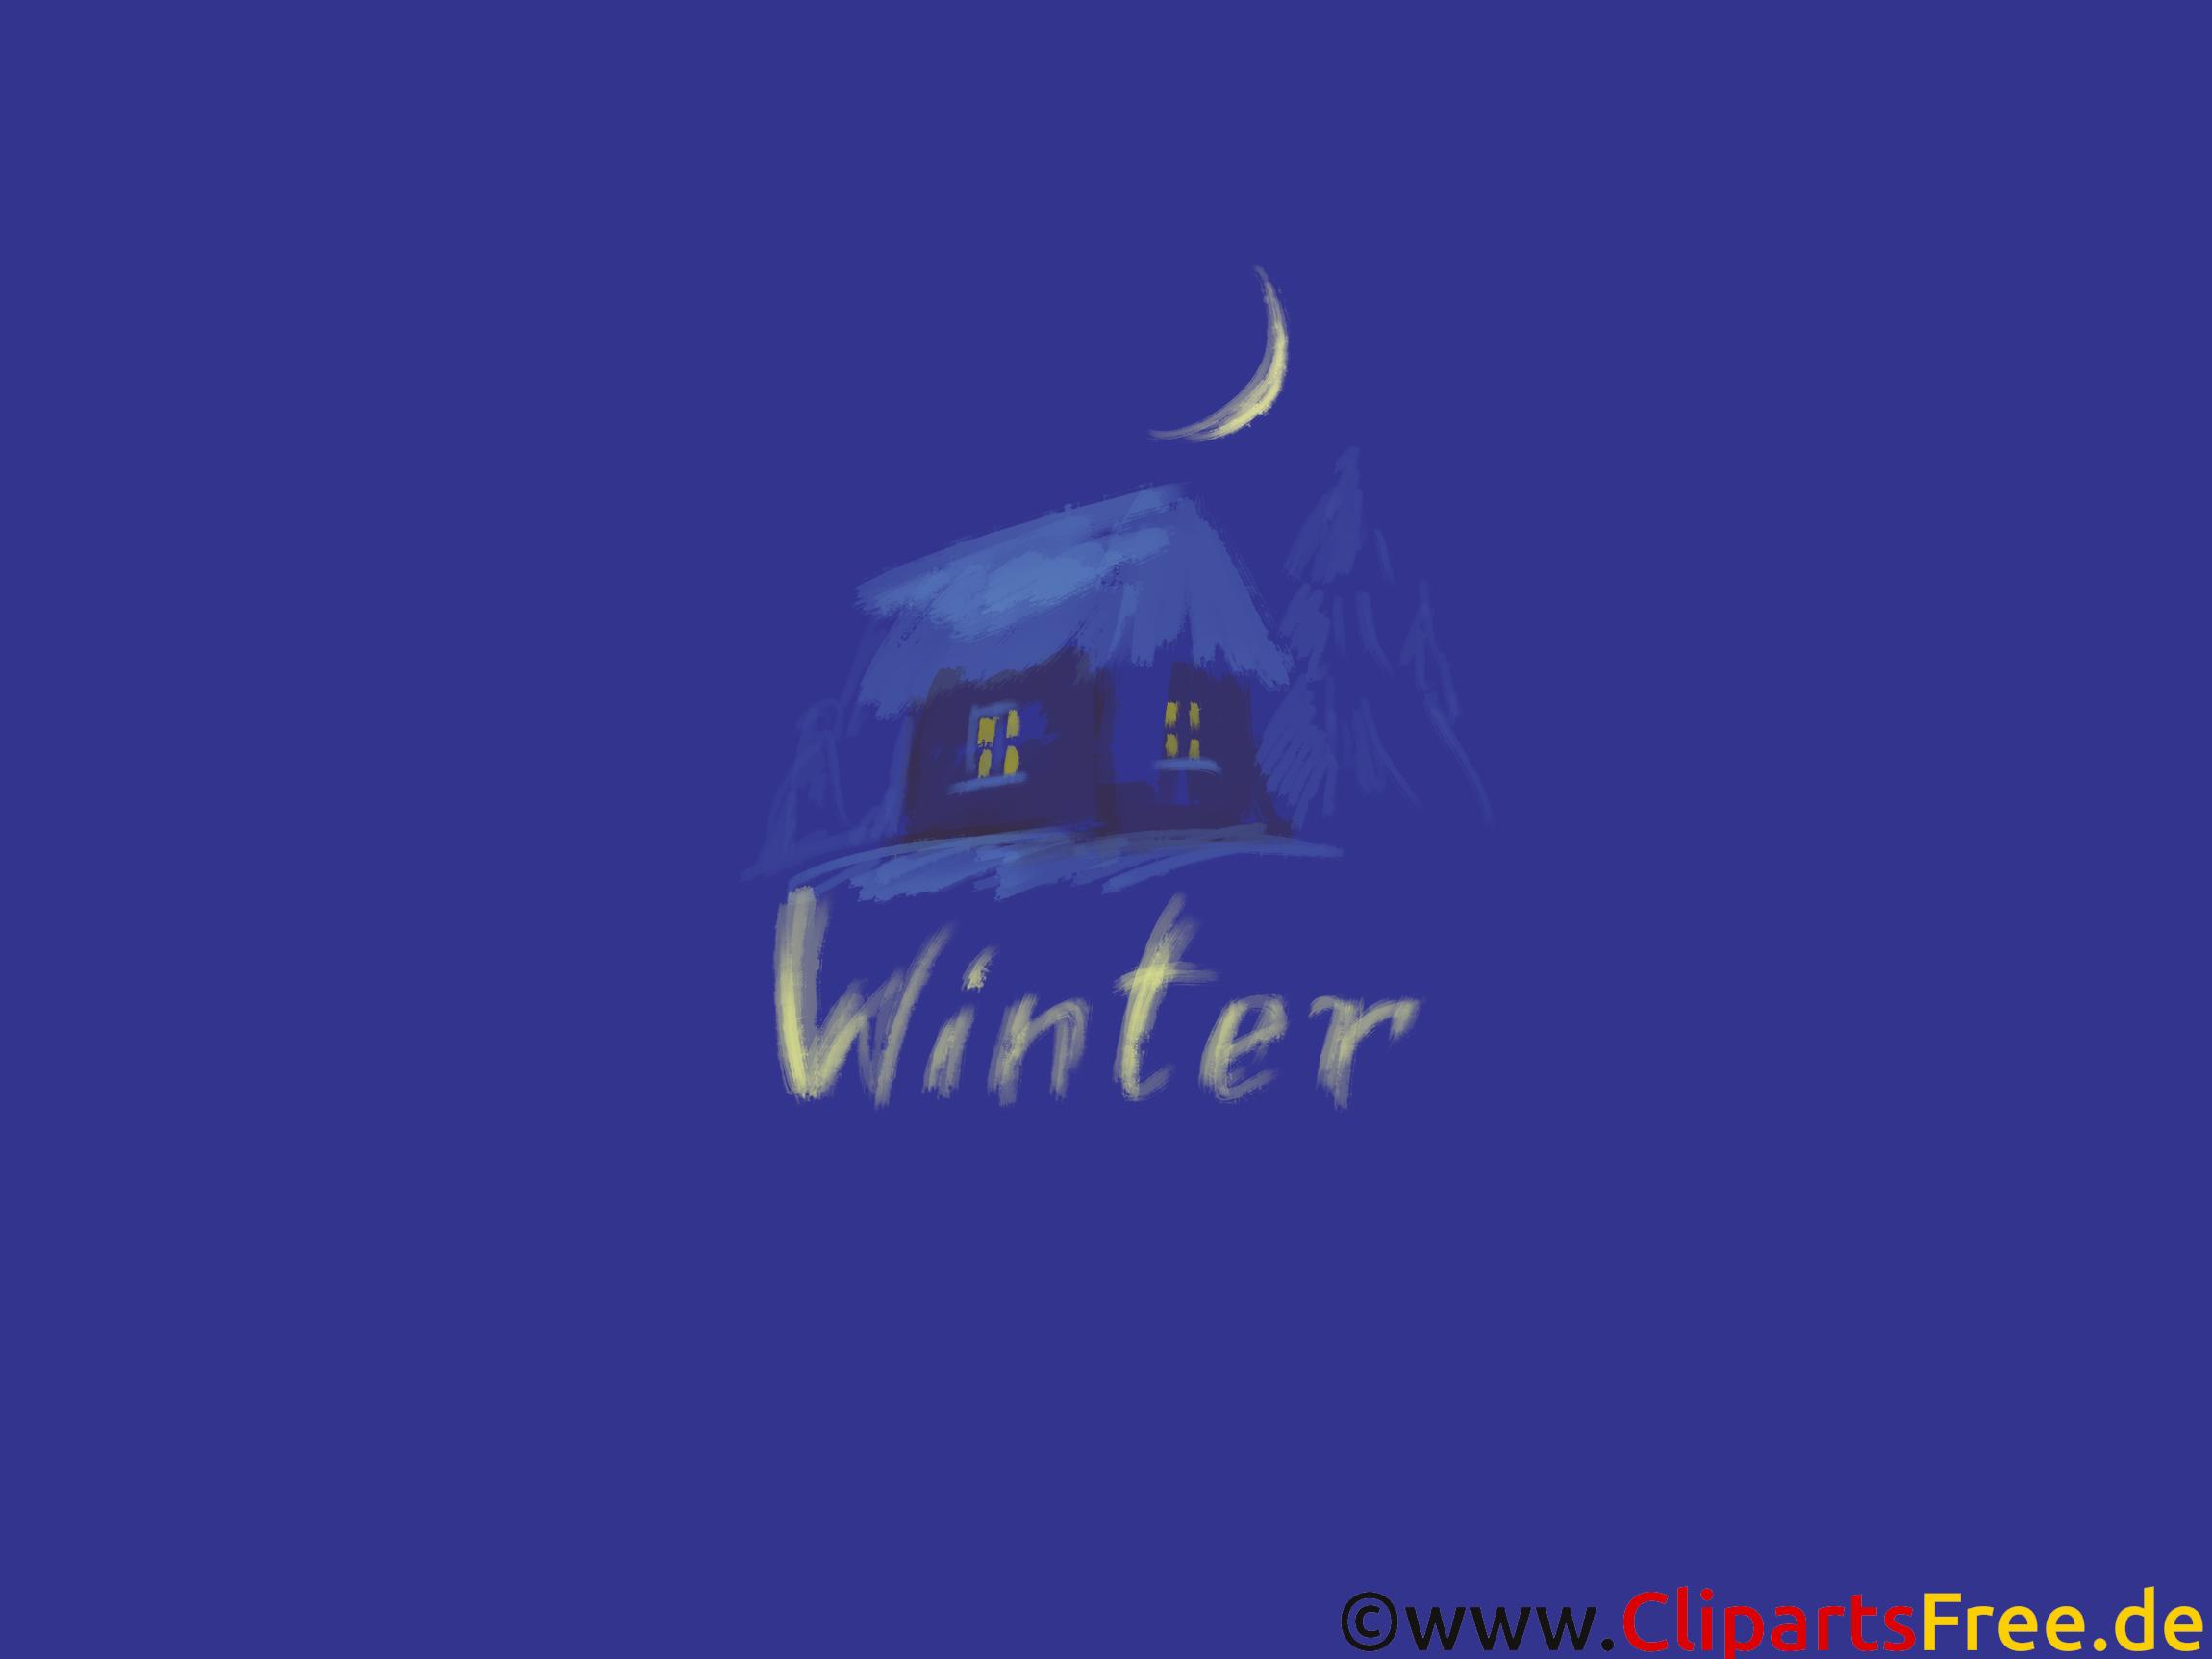 Desktopbild Häuschen im WInternacht